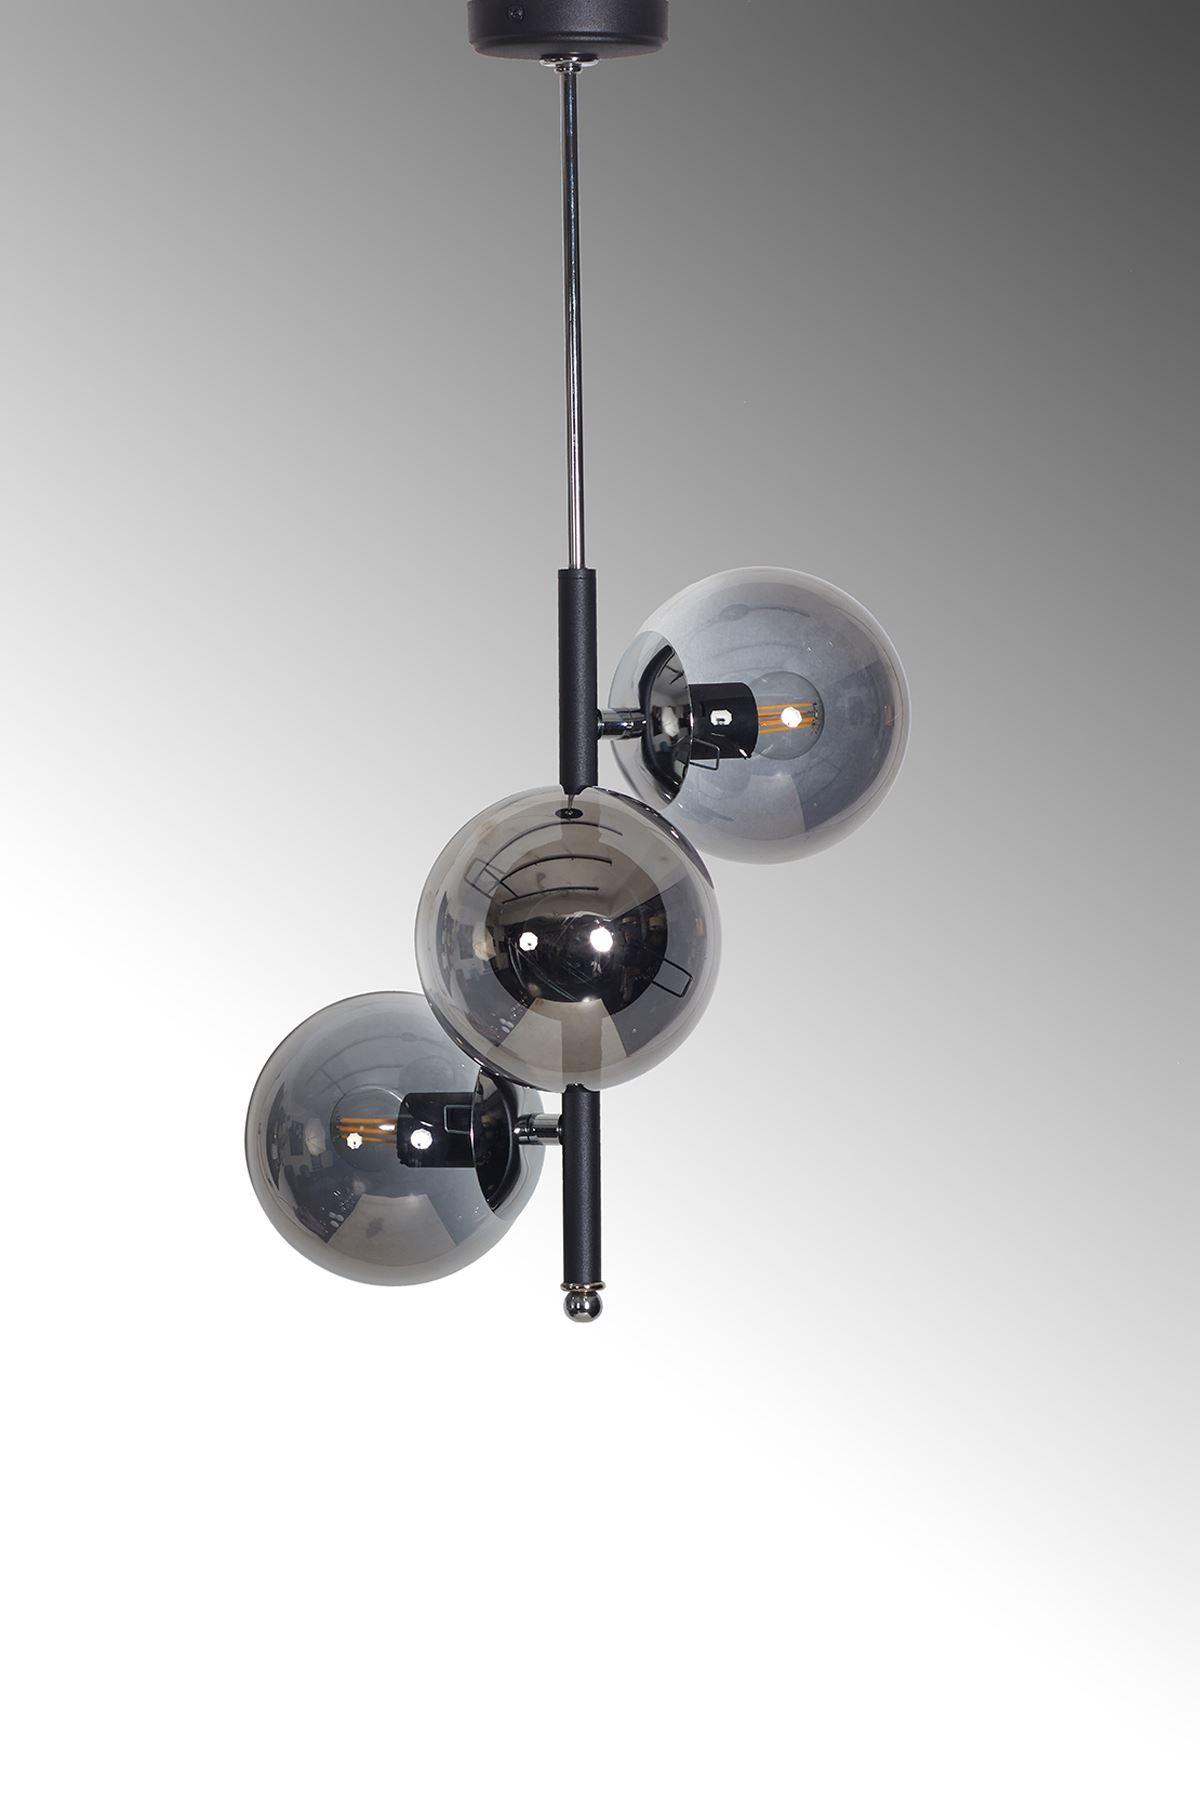 Perla 3 Lü Siyah-Krom Metal Gövde Füme Camlı Tasarım Lüx Avize